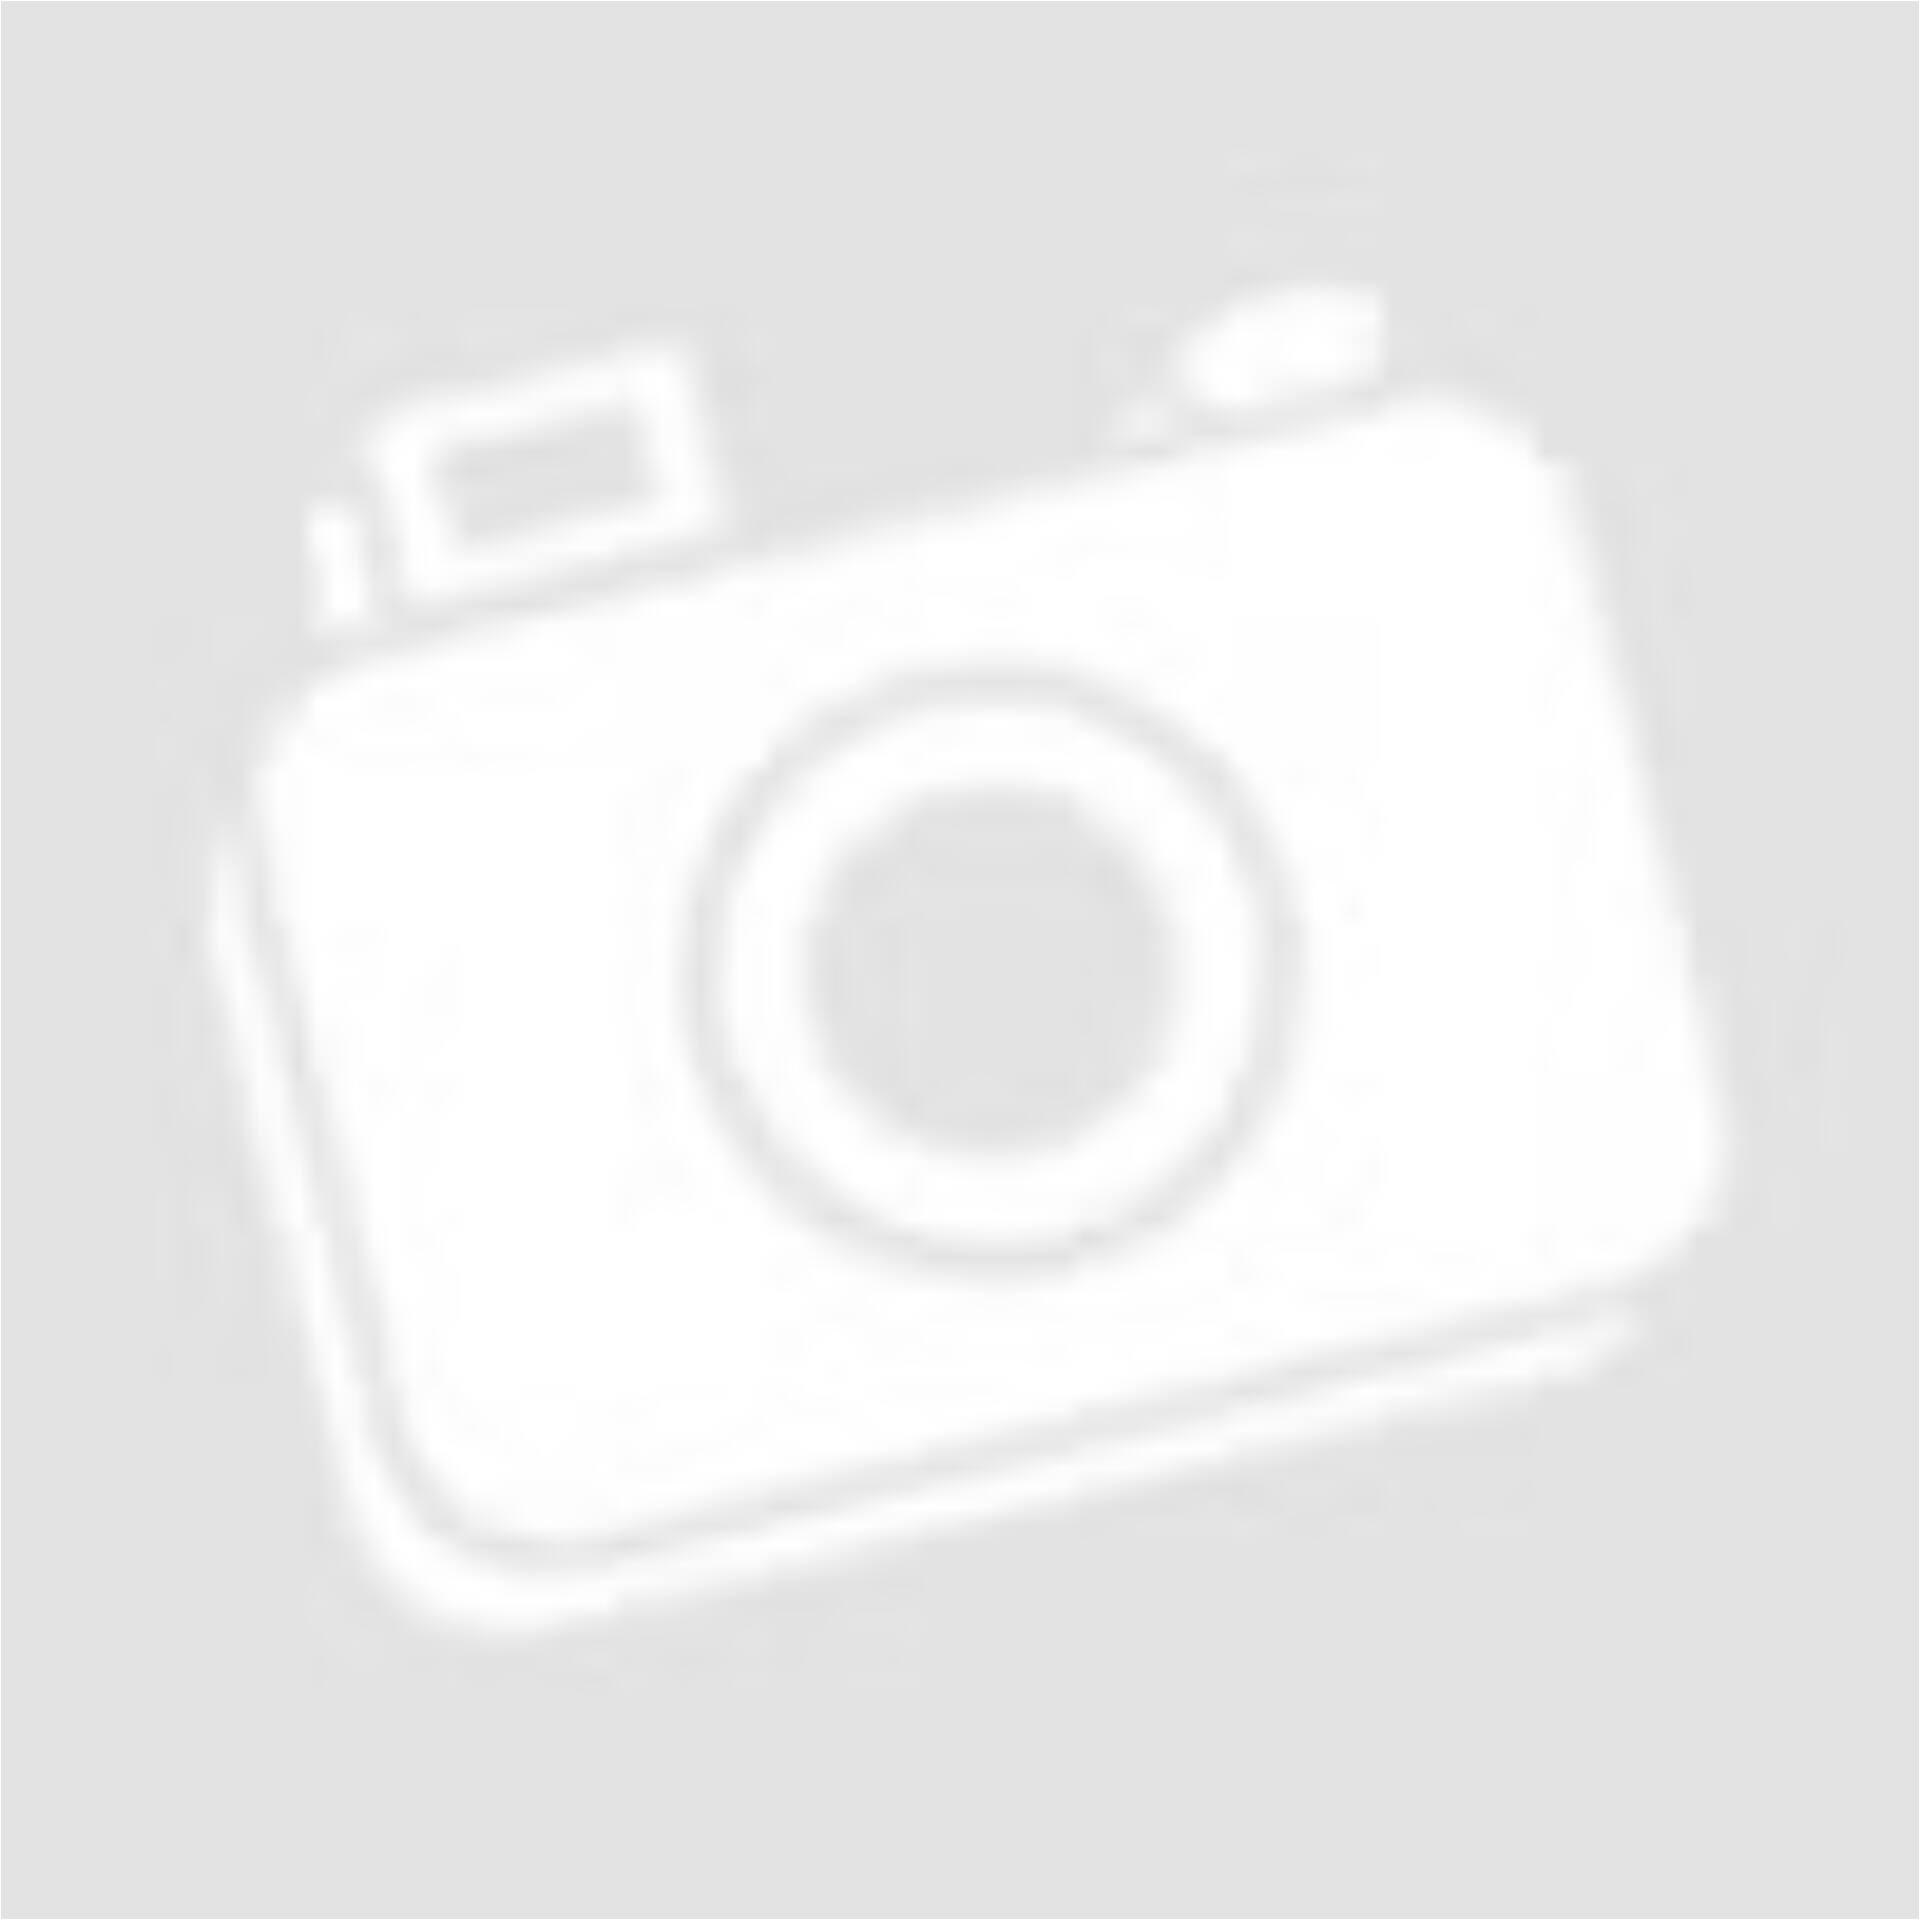 d60183eba4 Kék, csipkés ruha (Méret: M) - Alkalmi ruha, kosztüm - Öltözz ki ...